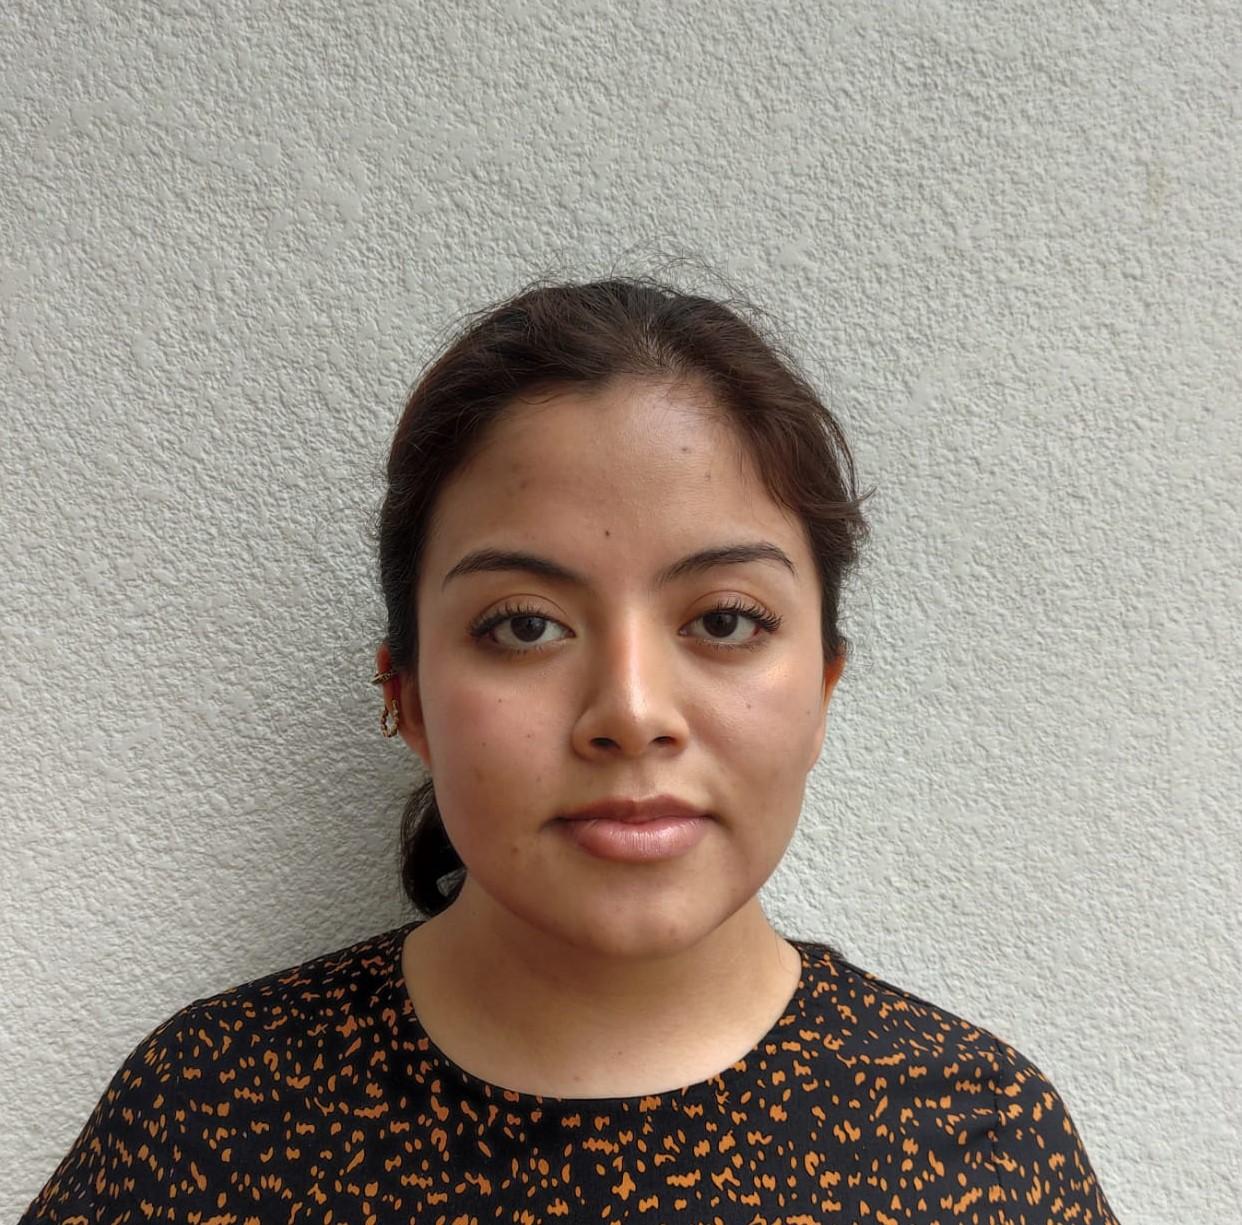 María Fernanda Parra Baleón